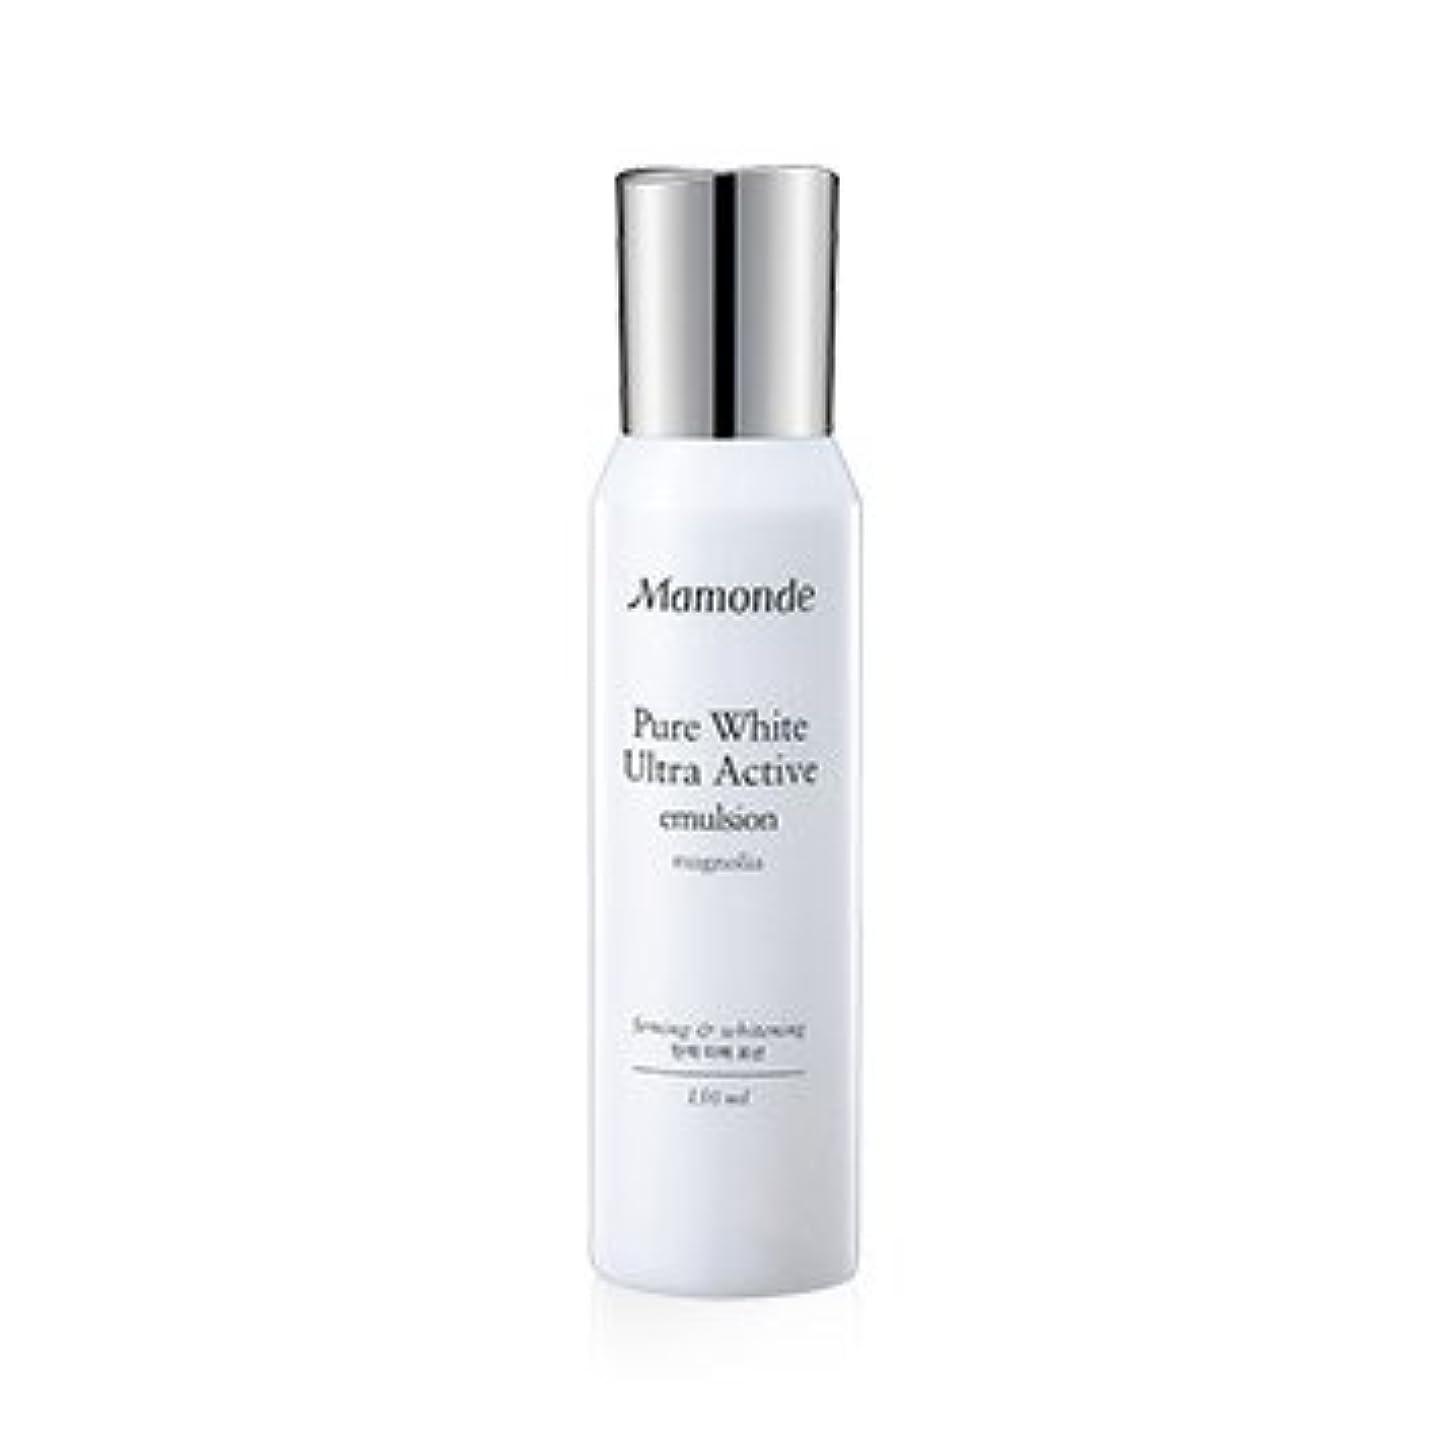 ベーカリージョージハンブリー批判的にMamonde Pure White Ultra Active Emulsion 150ml/マモンド ピュア ホワイト ウルトラ アクティブ エマルジョン 150ml [並行輸入品]